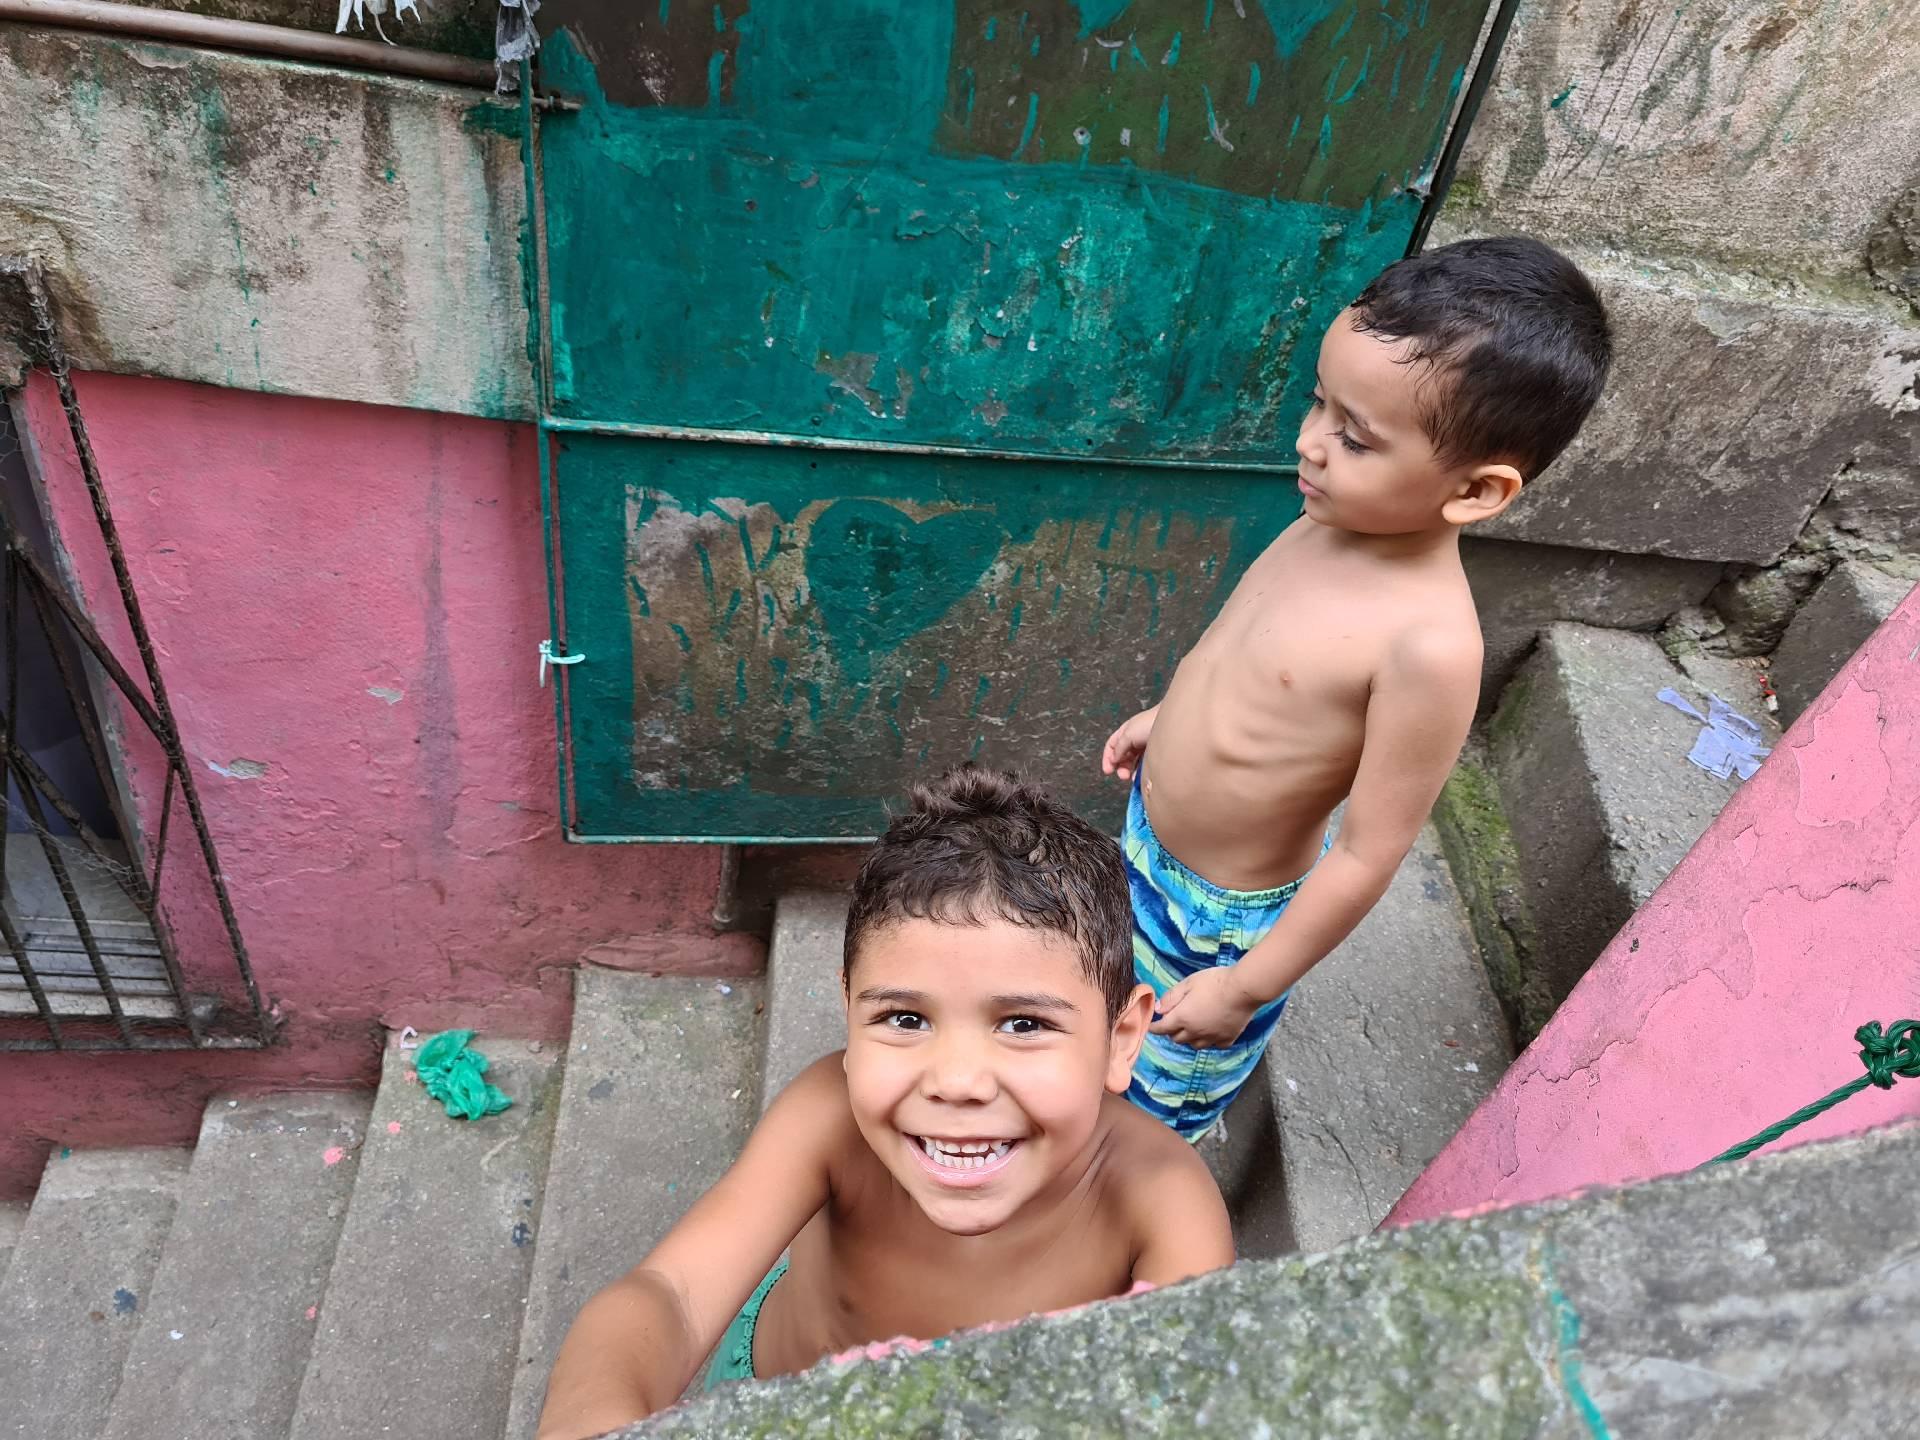 бразильские дети играют в фавеле